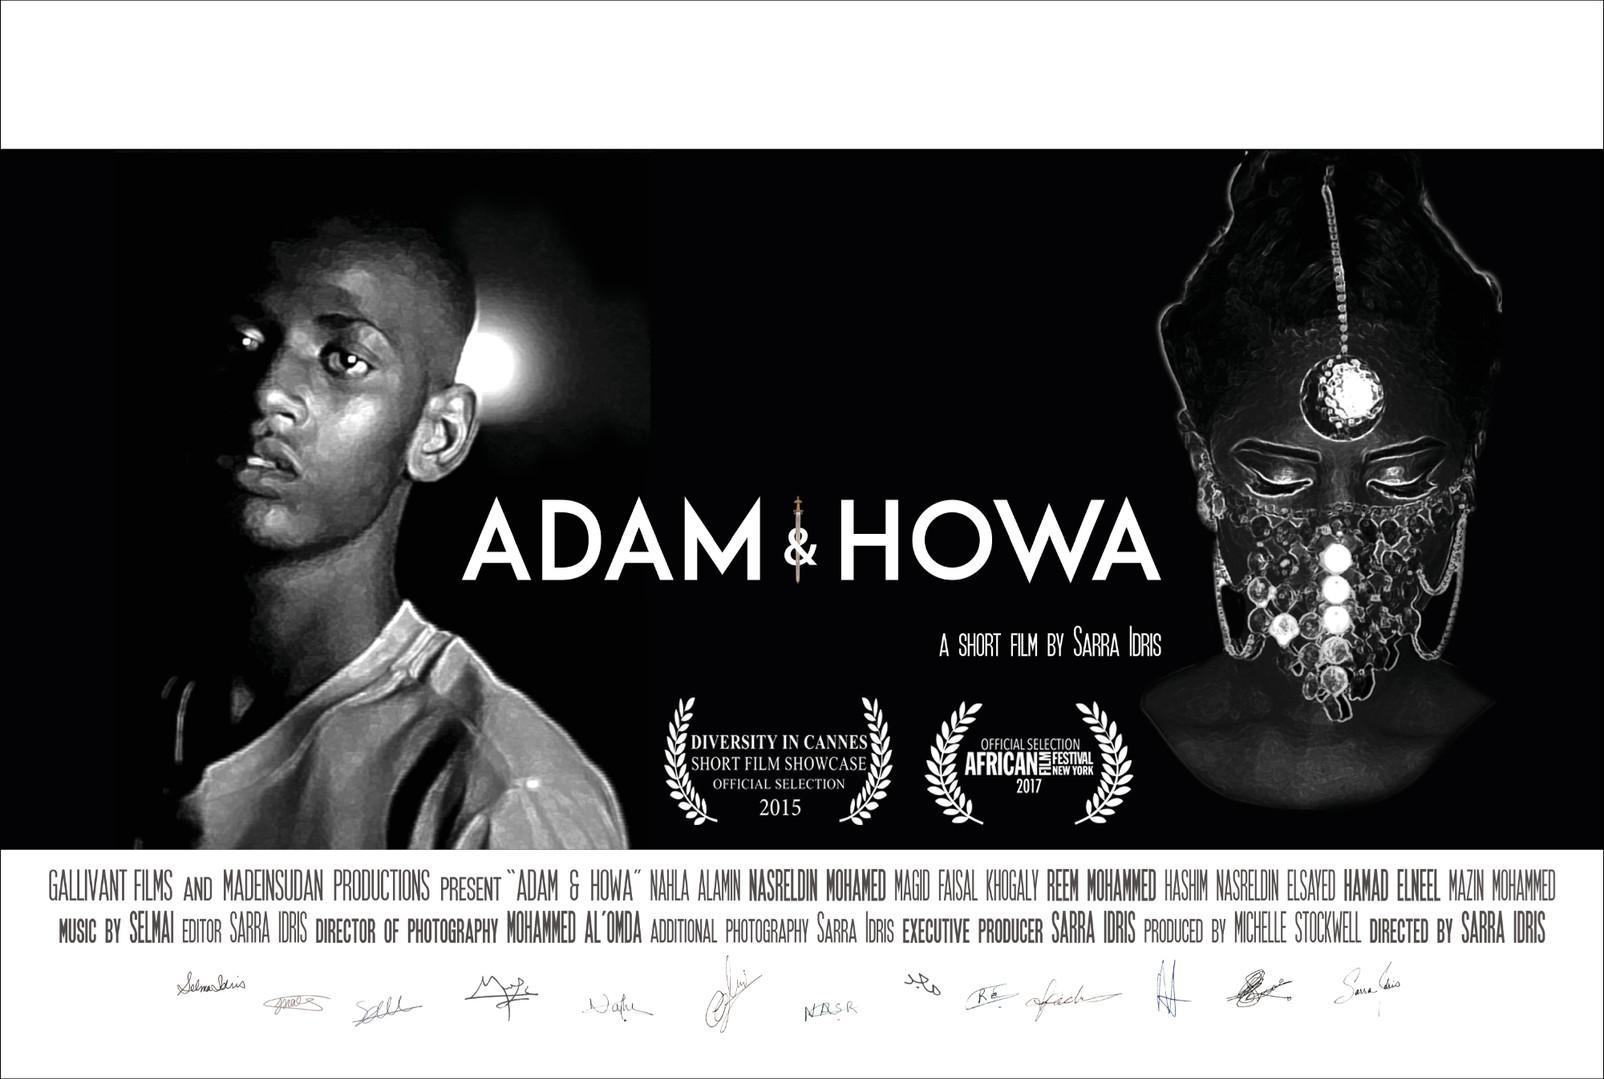 Adam & Howa